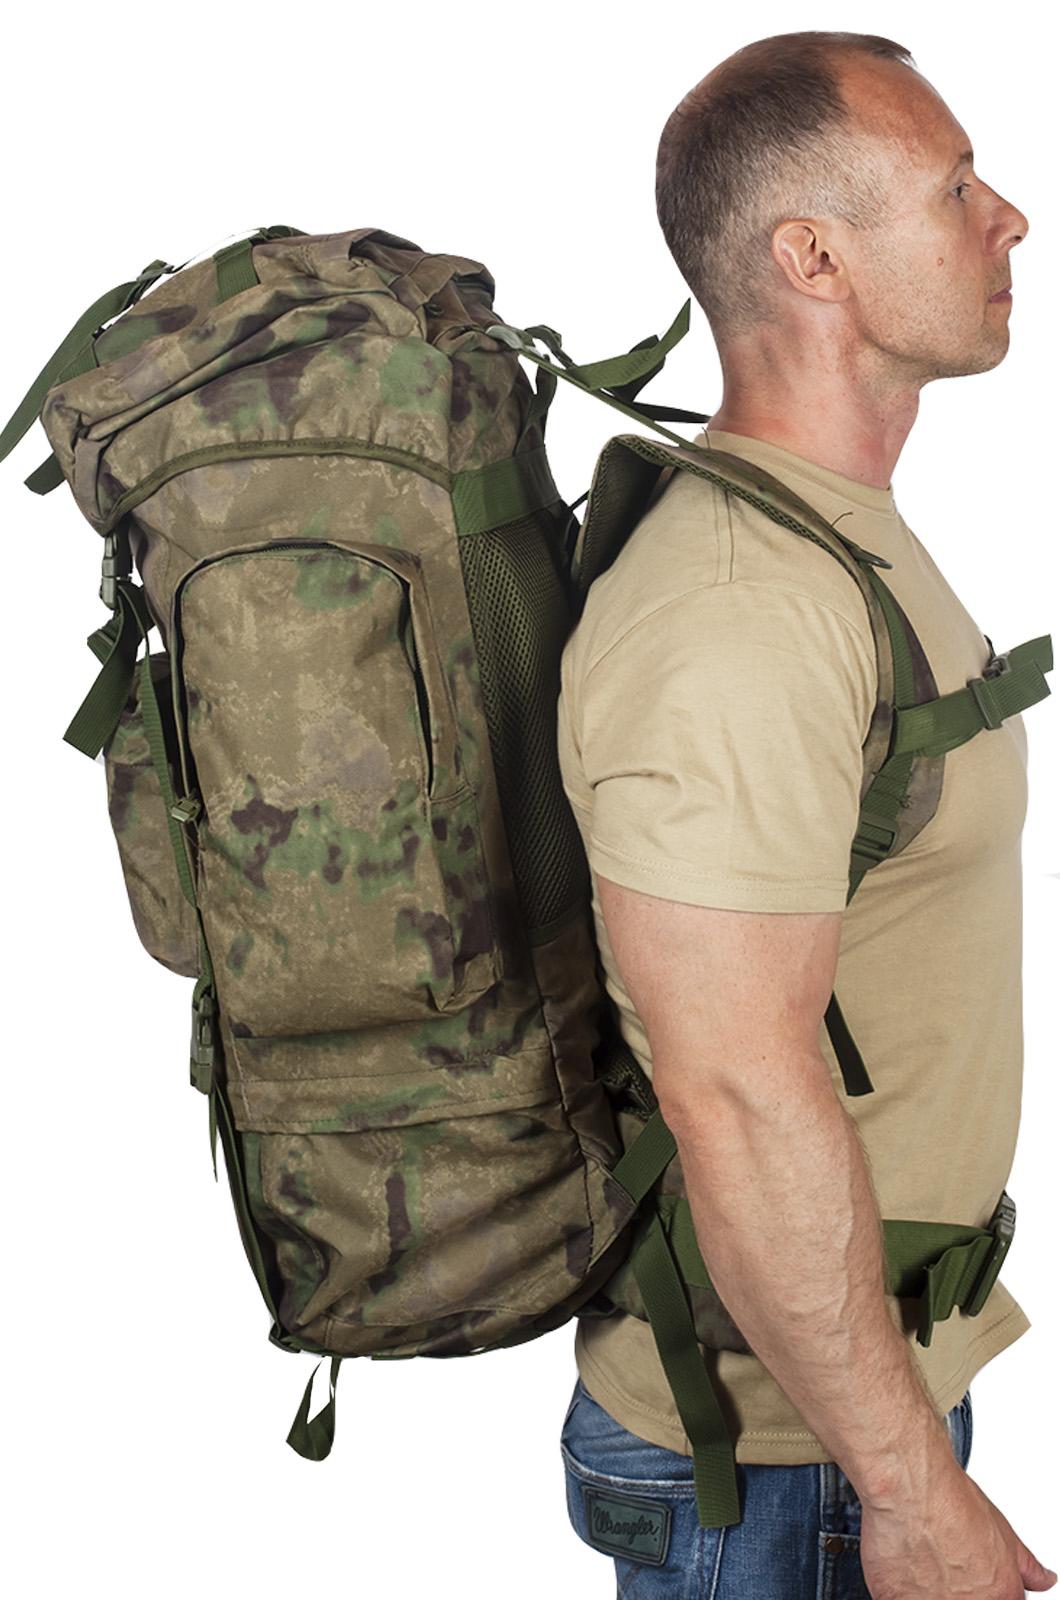 Рейдовый камуфляжный ранец-рюкзак ФСО - купить в подарок